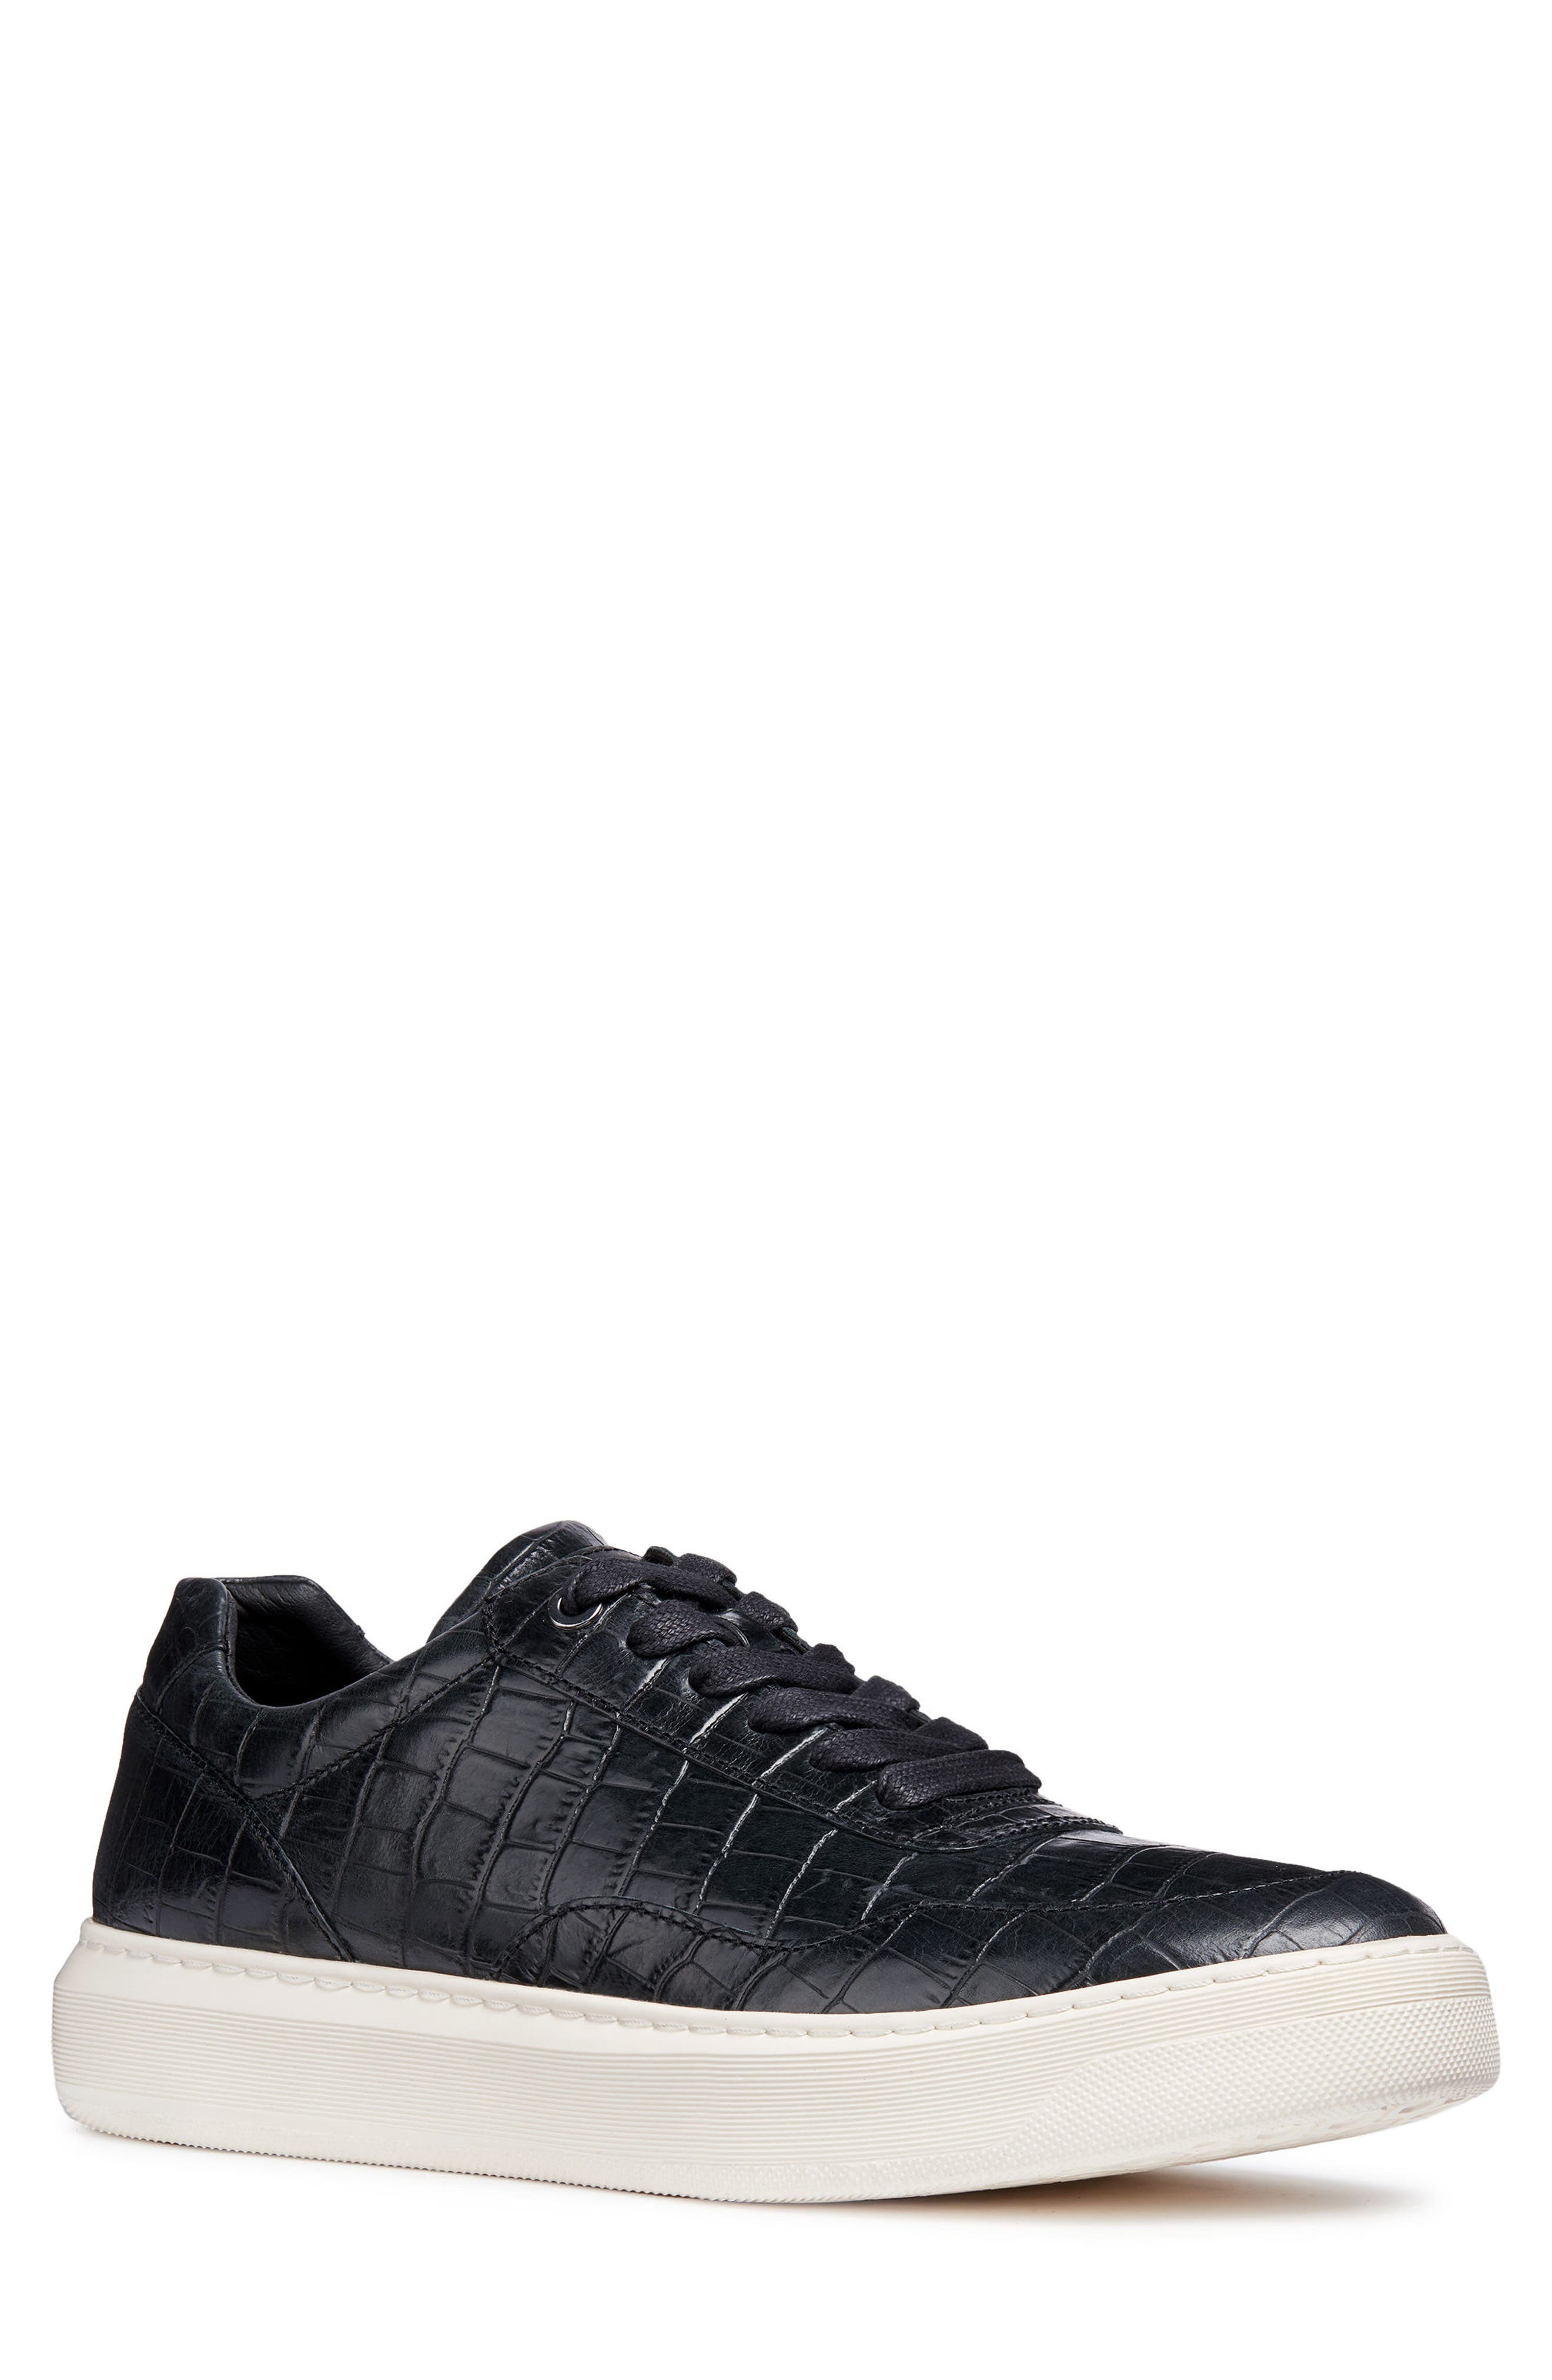 men's geox deiven 8 croc textured low top sneaker, size 11us / 44eu - black